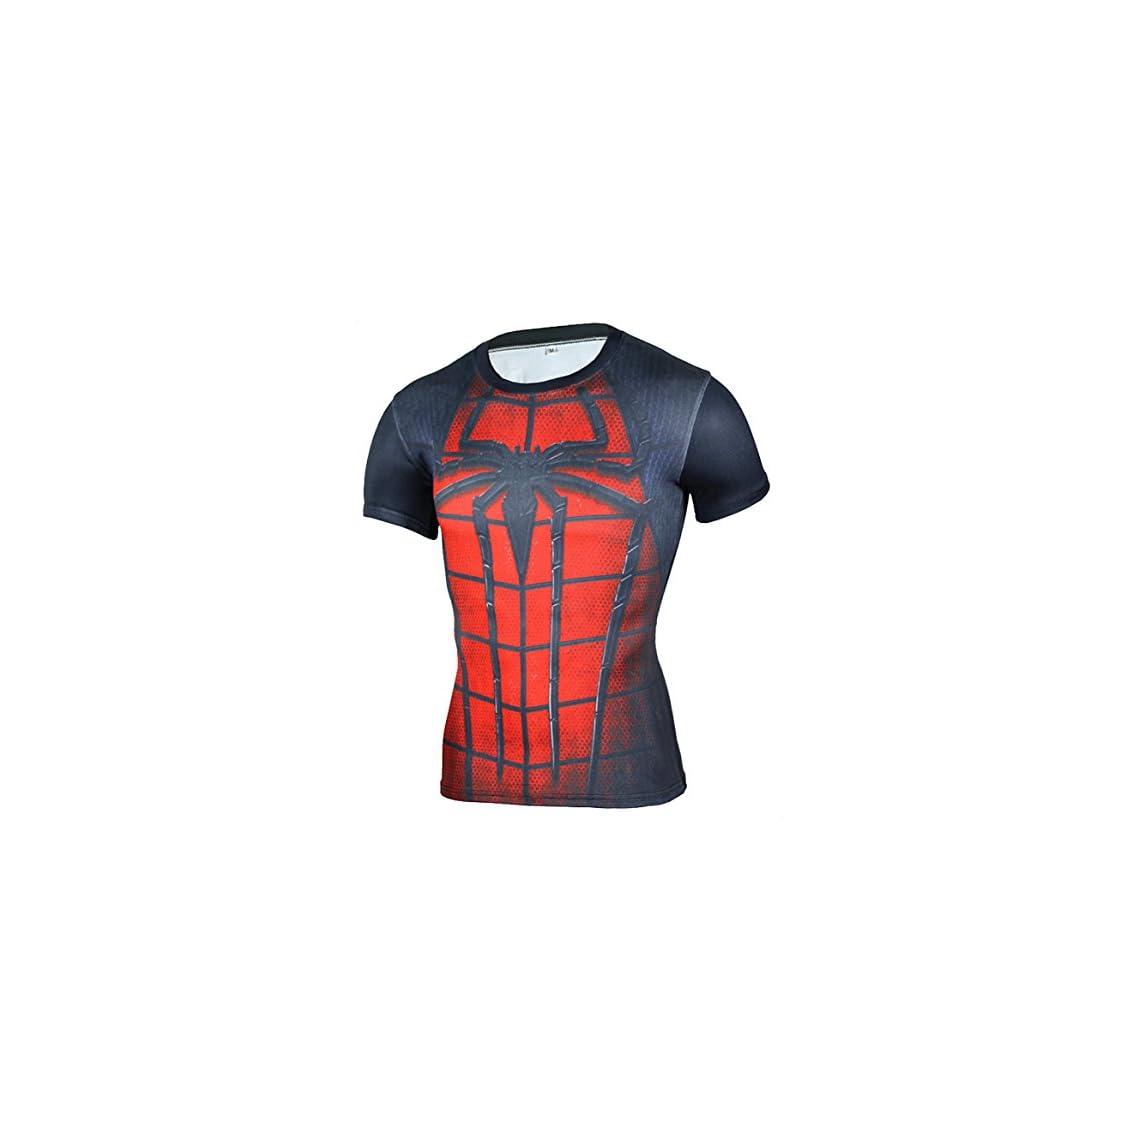 23050c2bbf33e Camiseta Fitness Compresion Hombre con Dibujos de Superheroes para Entrenar  y Hacer Deporte. Licras (